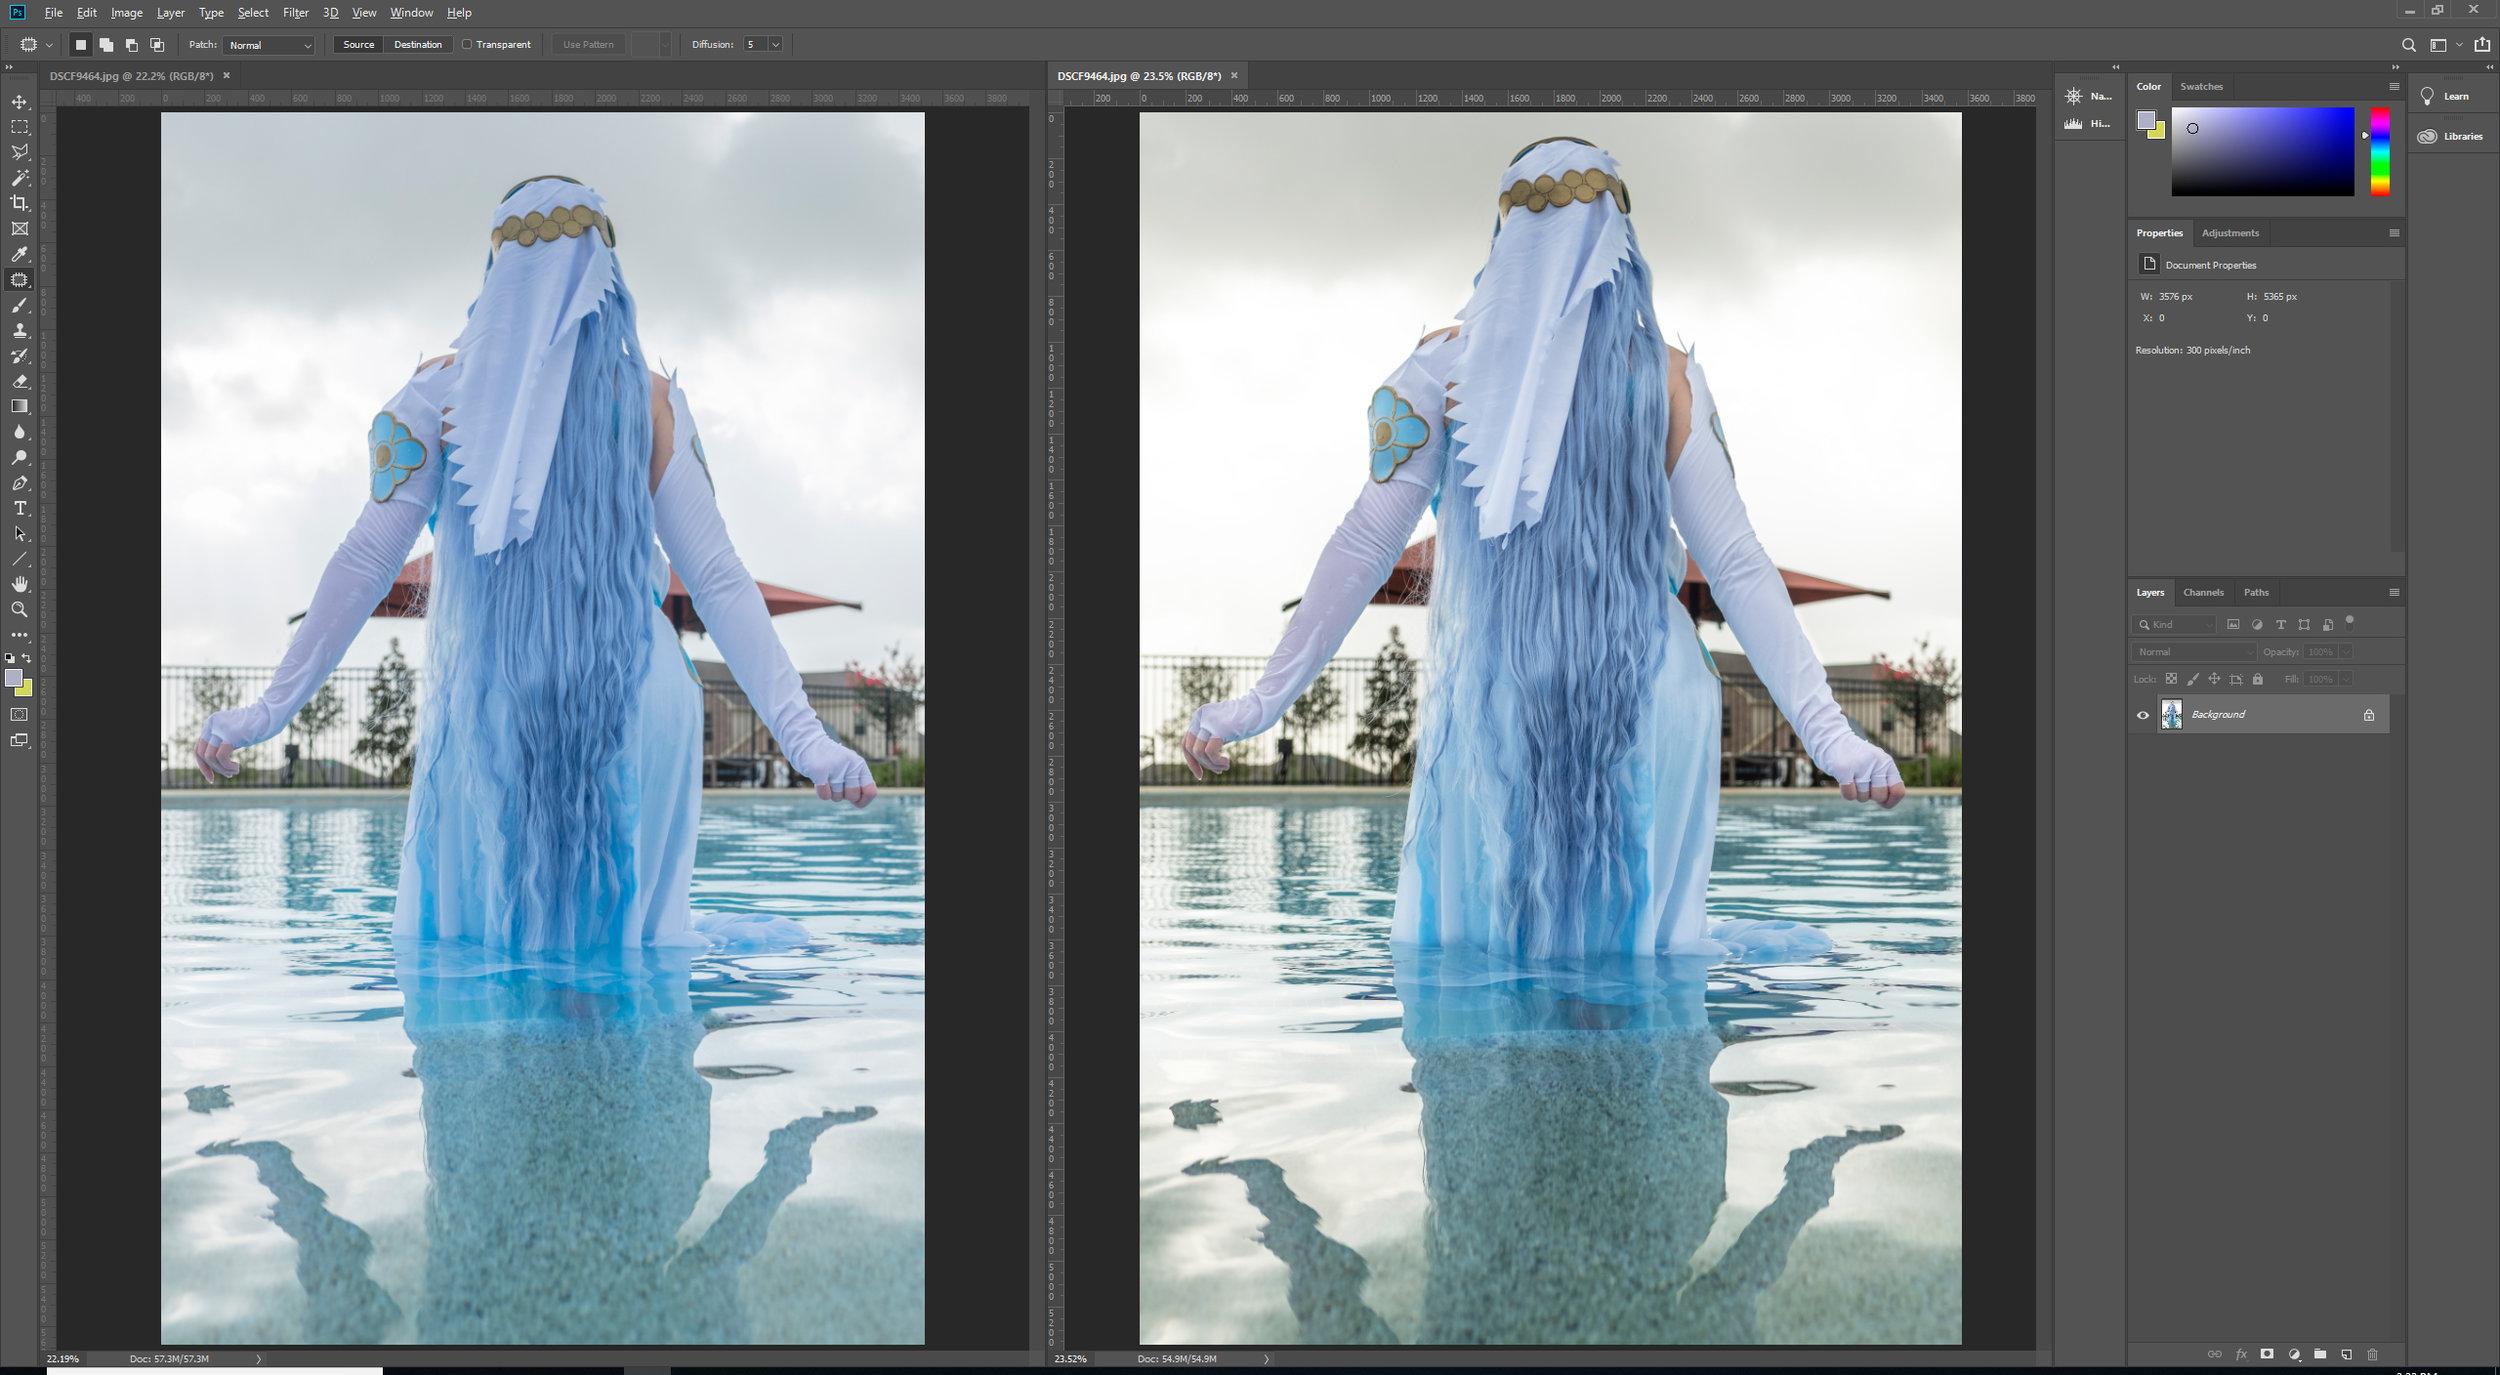 Left: original edit, right: re-edited version